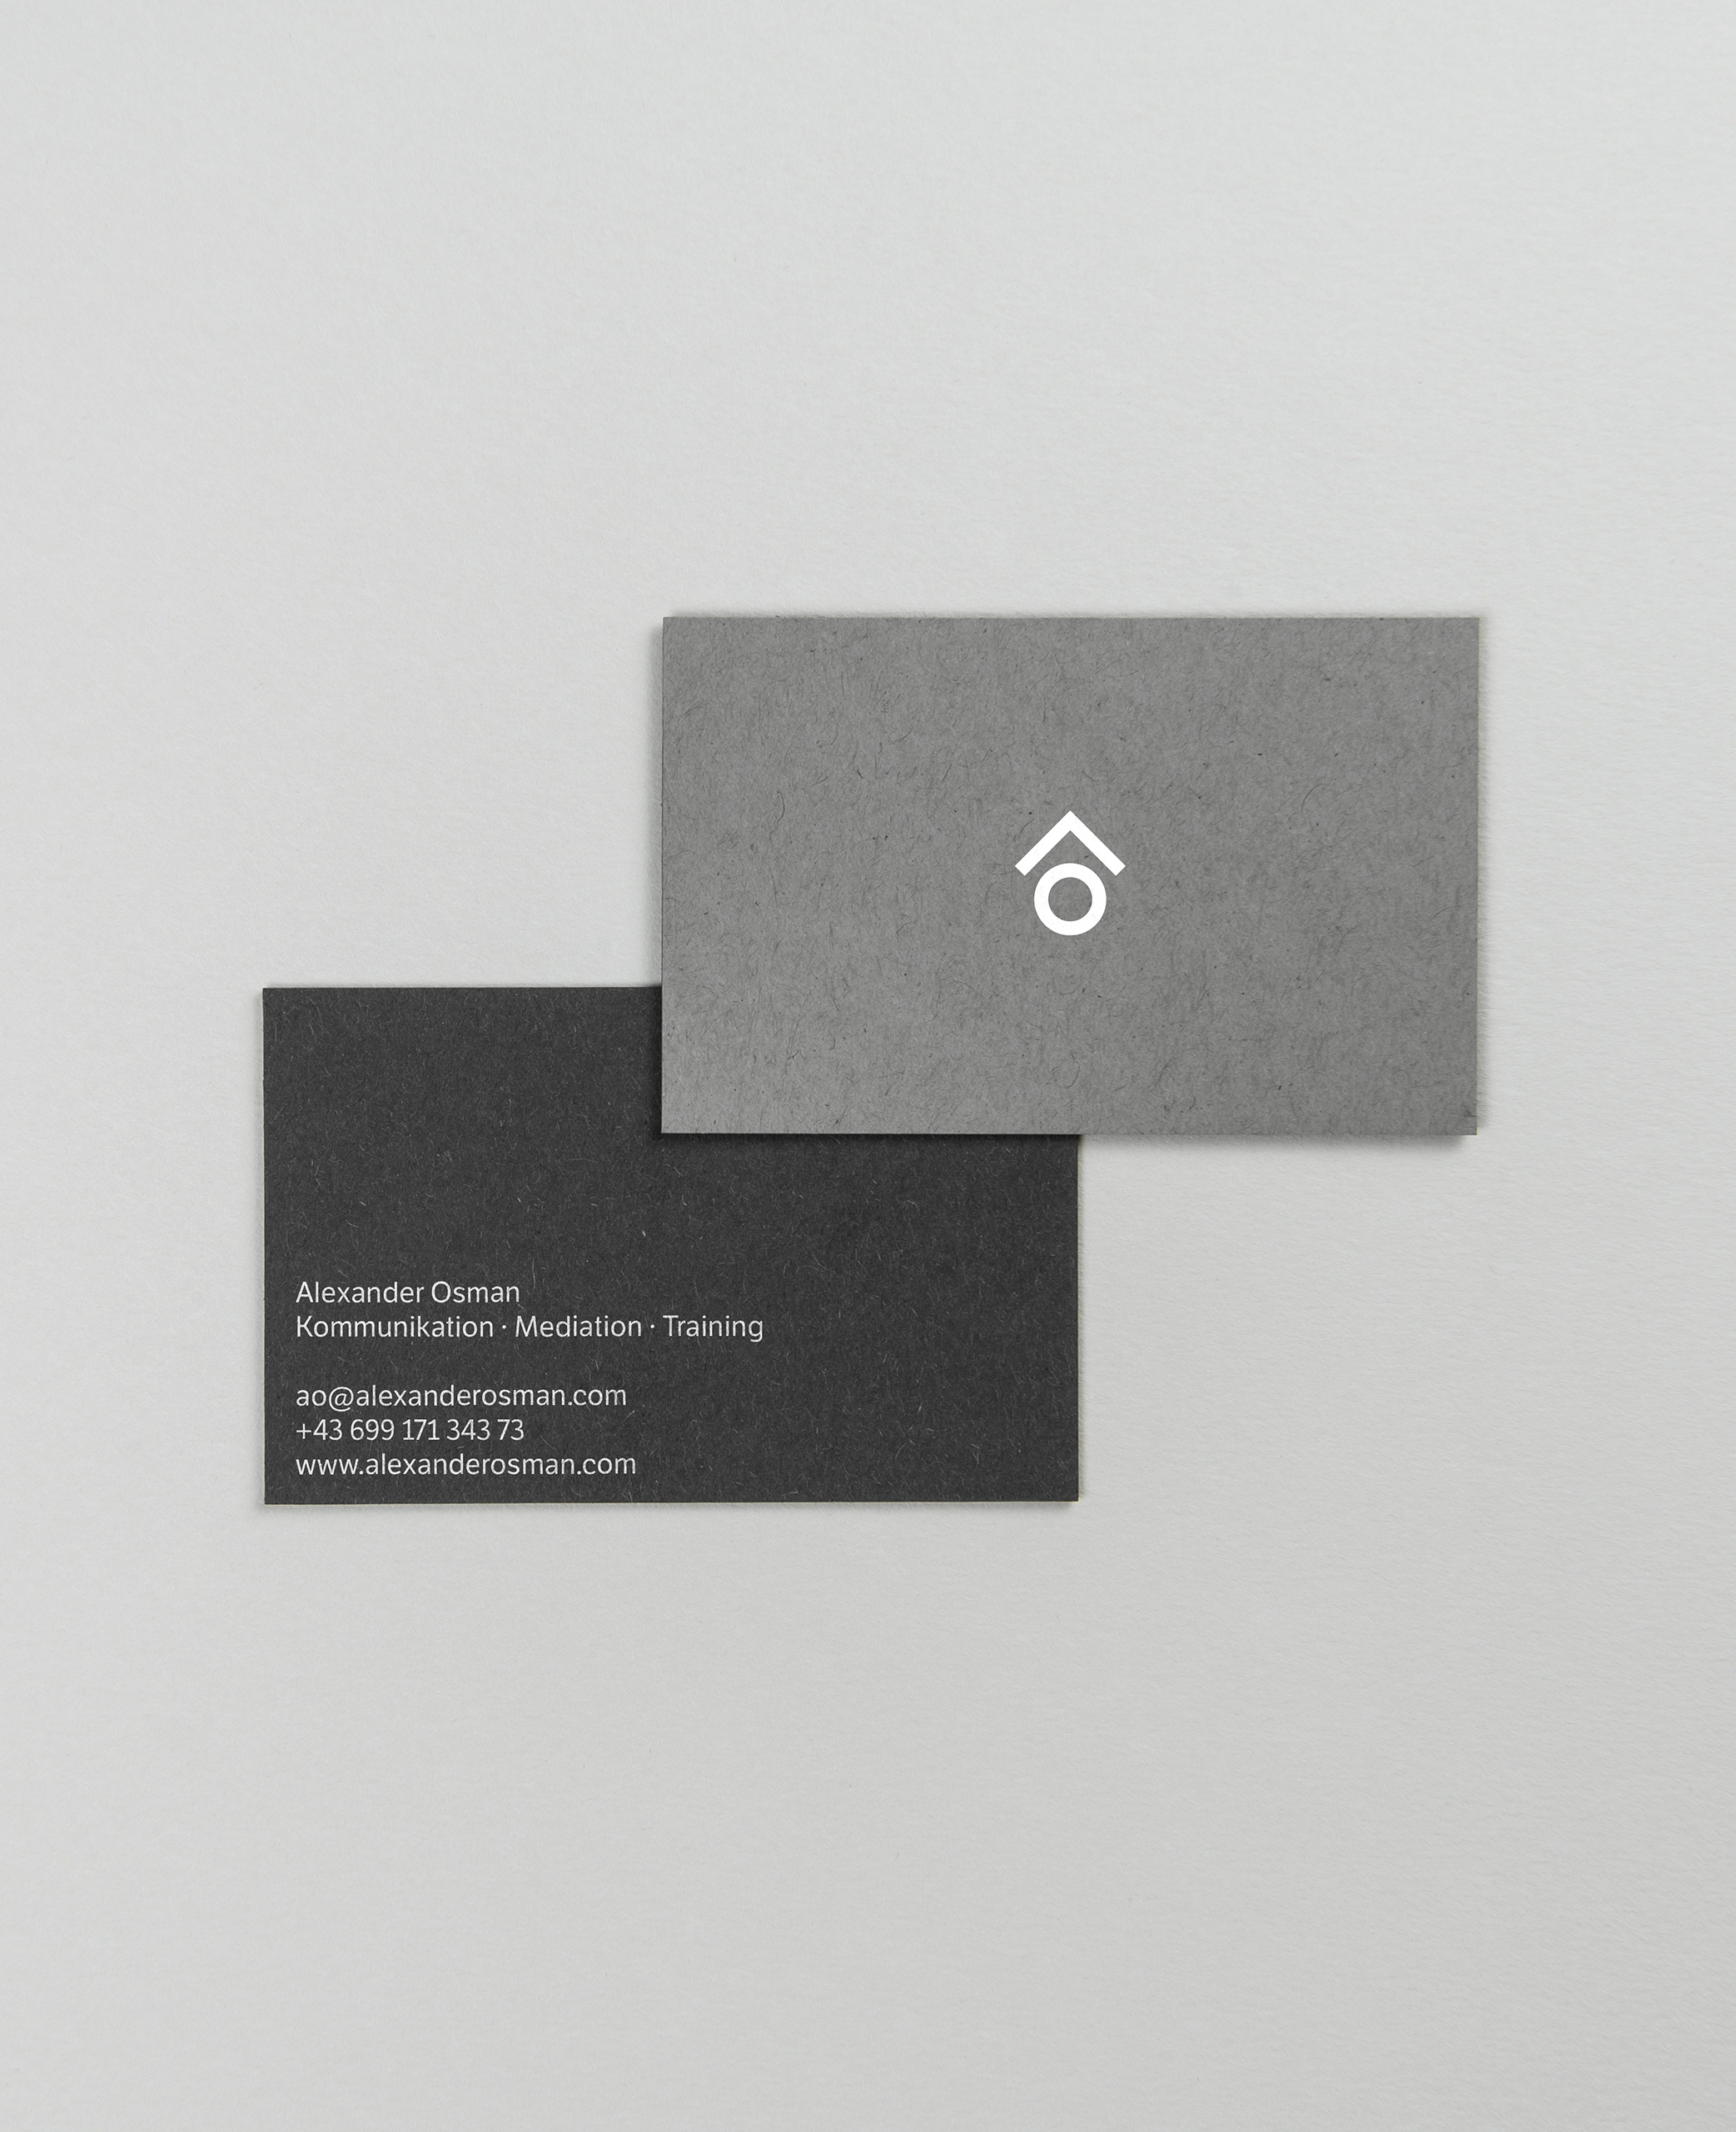 Alexander Osman Business Card